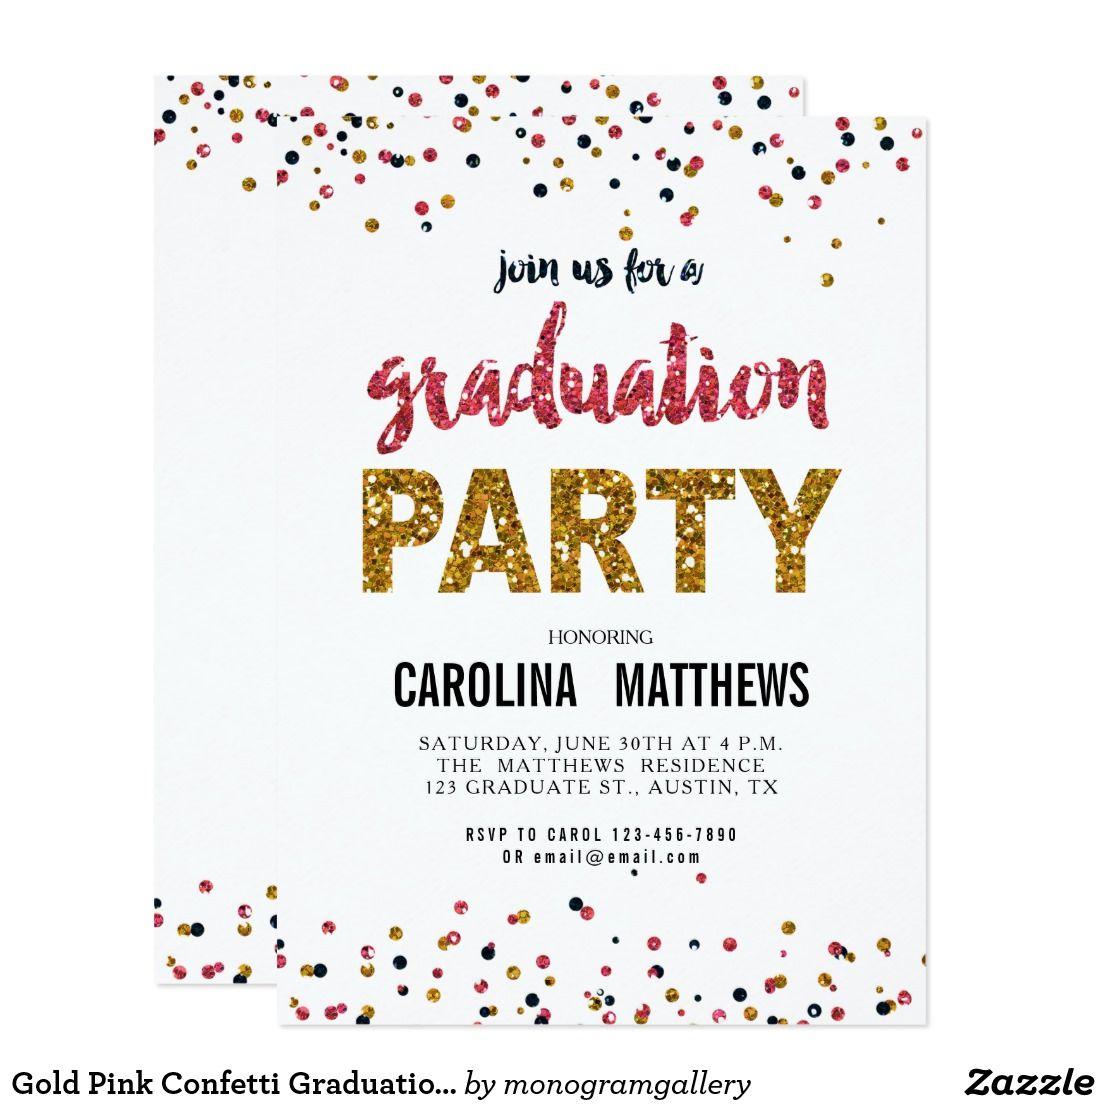 Gold Pink Confetti Graduation Party Invitation | Party invitations ...